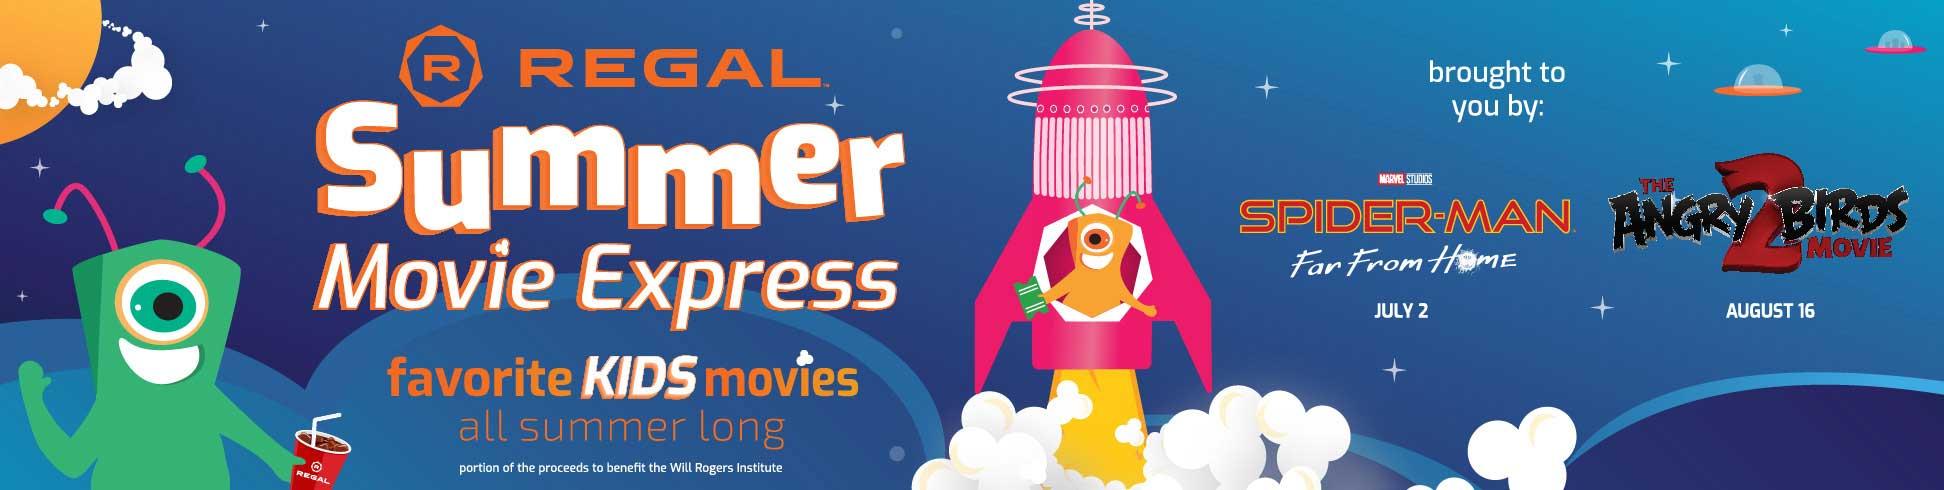 summer movie express 2019